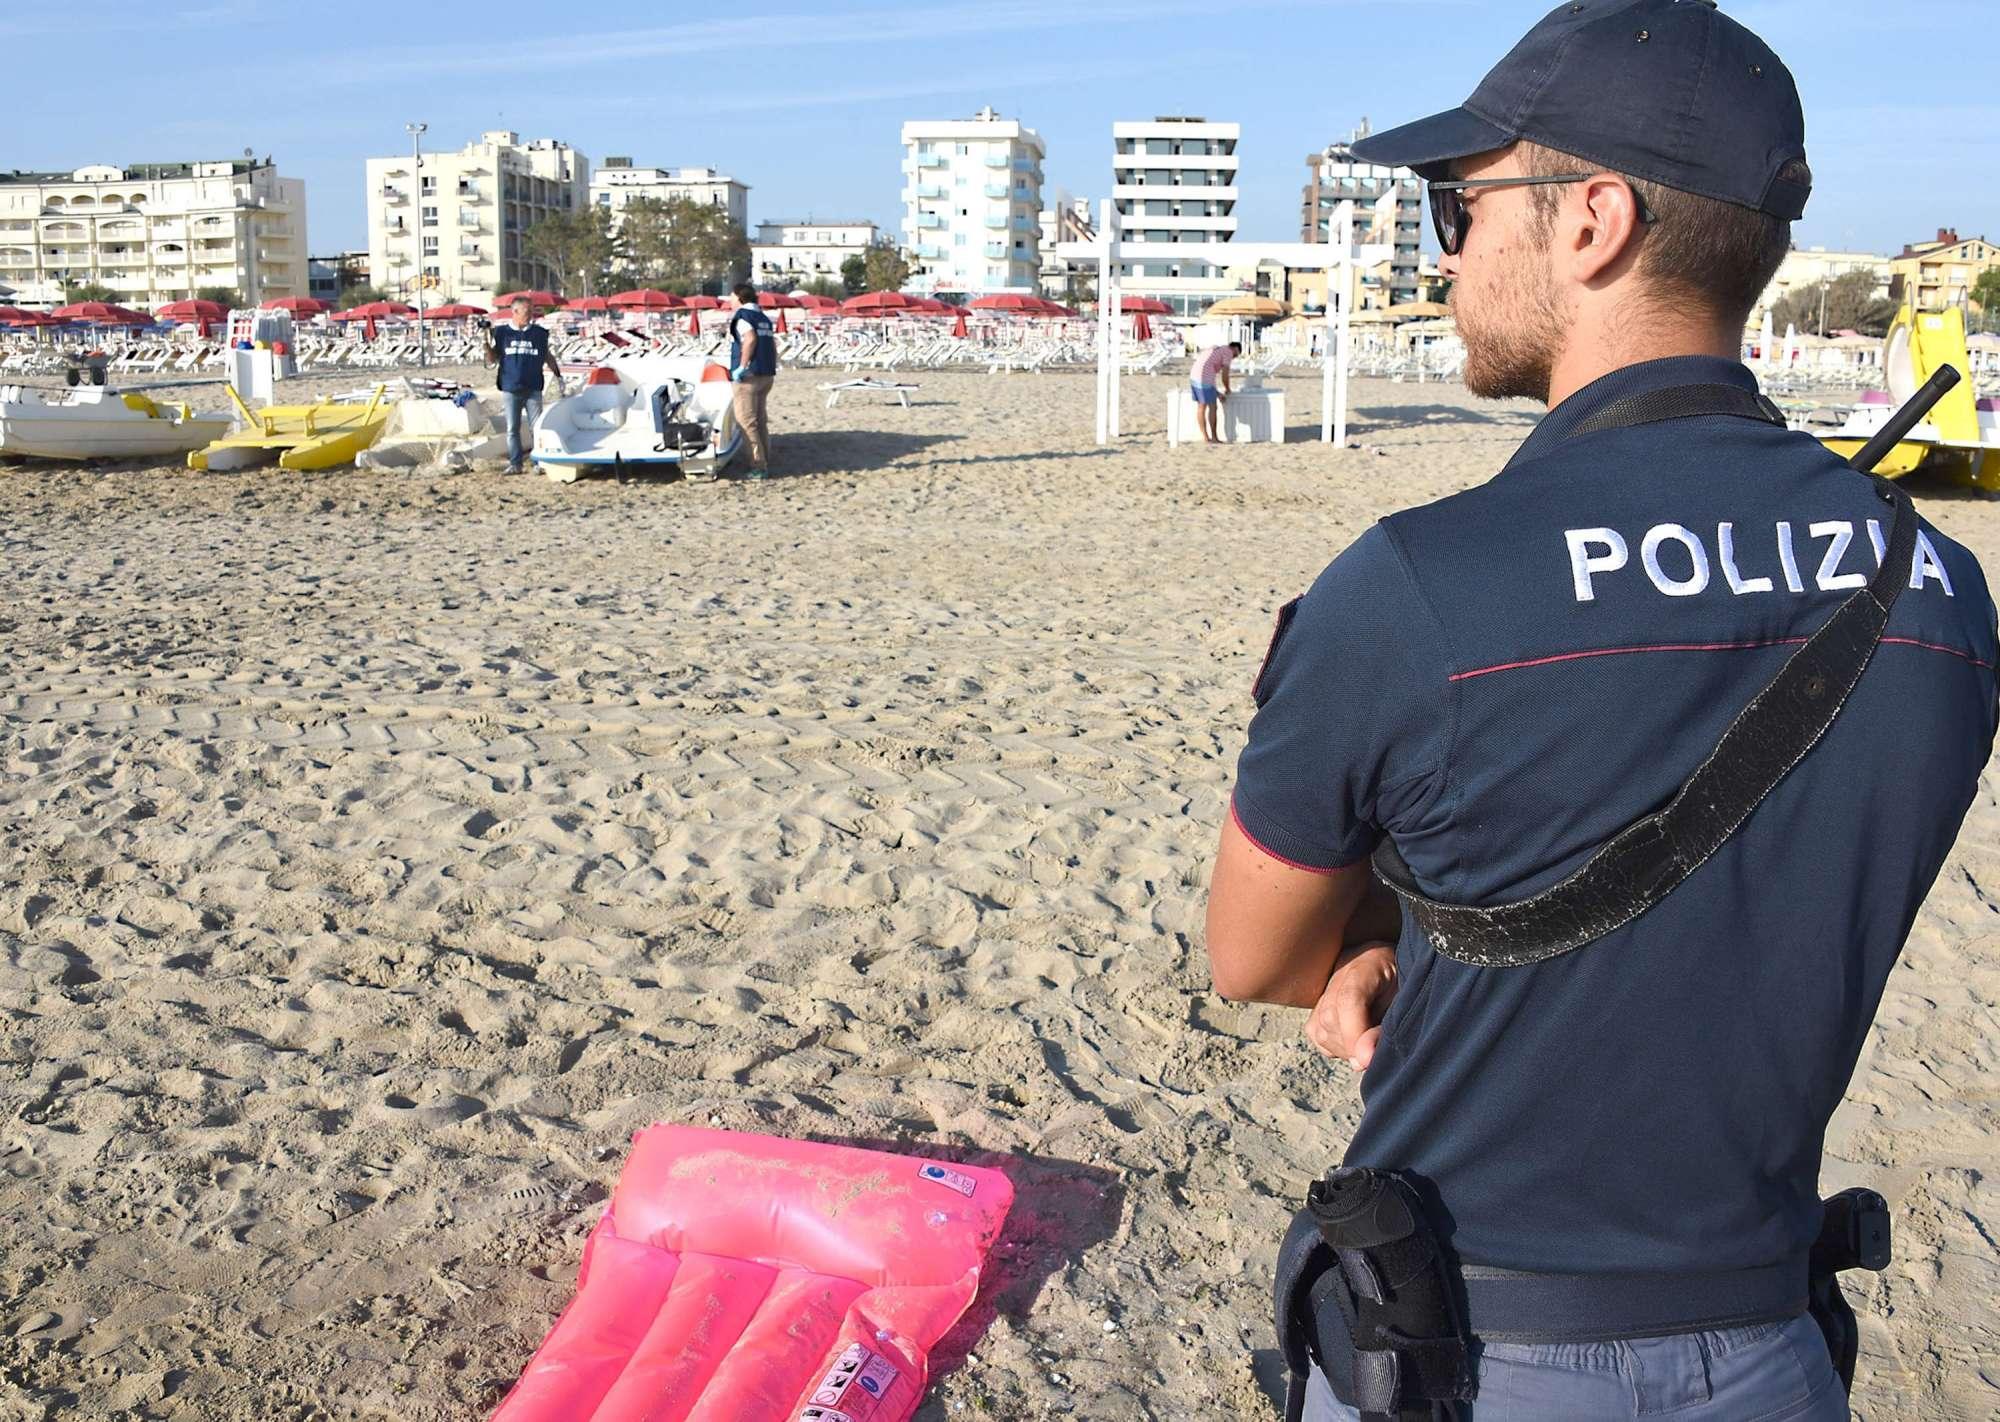 Stupri Rimini la Polizia ha le immagini delle telecamere e le impronte